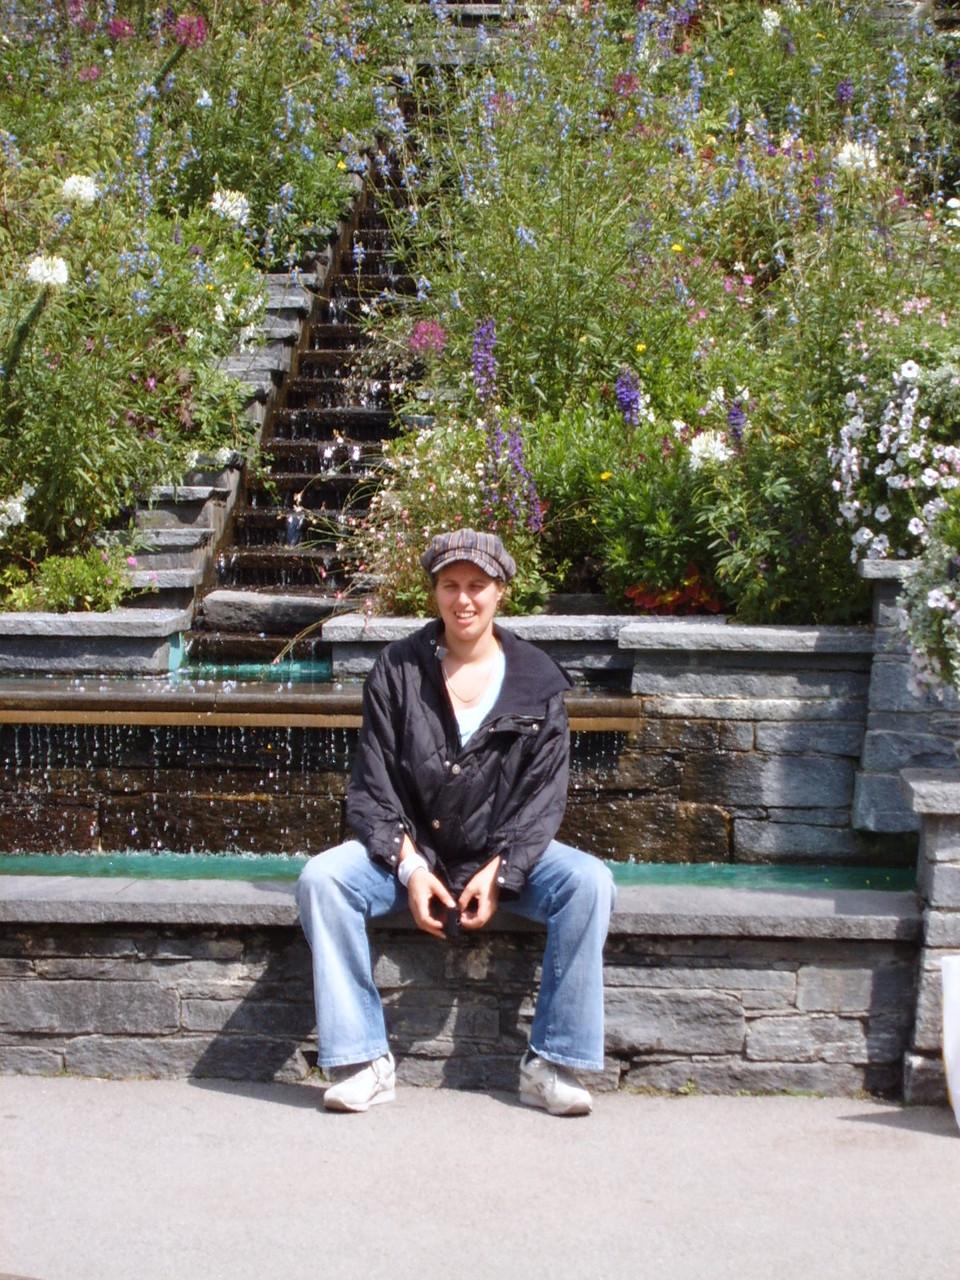 Helena Bucher, die Gartenberaterin, hilft und unterstützt bei Fragen